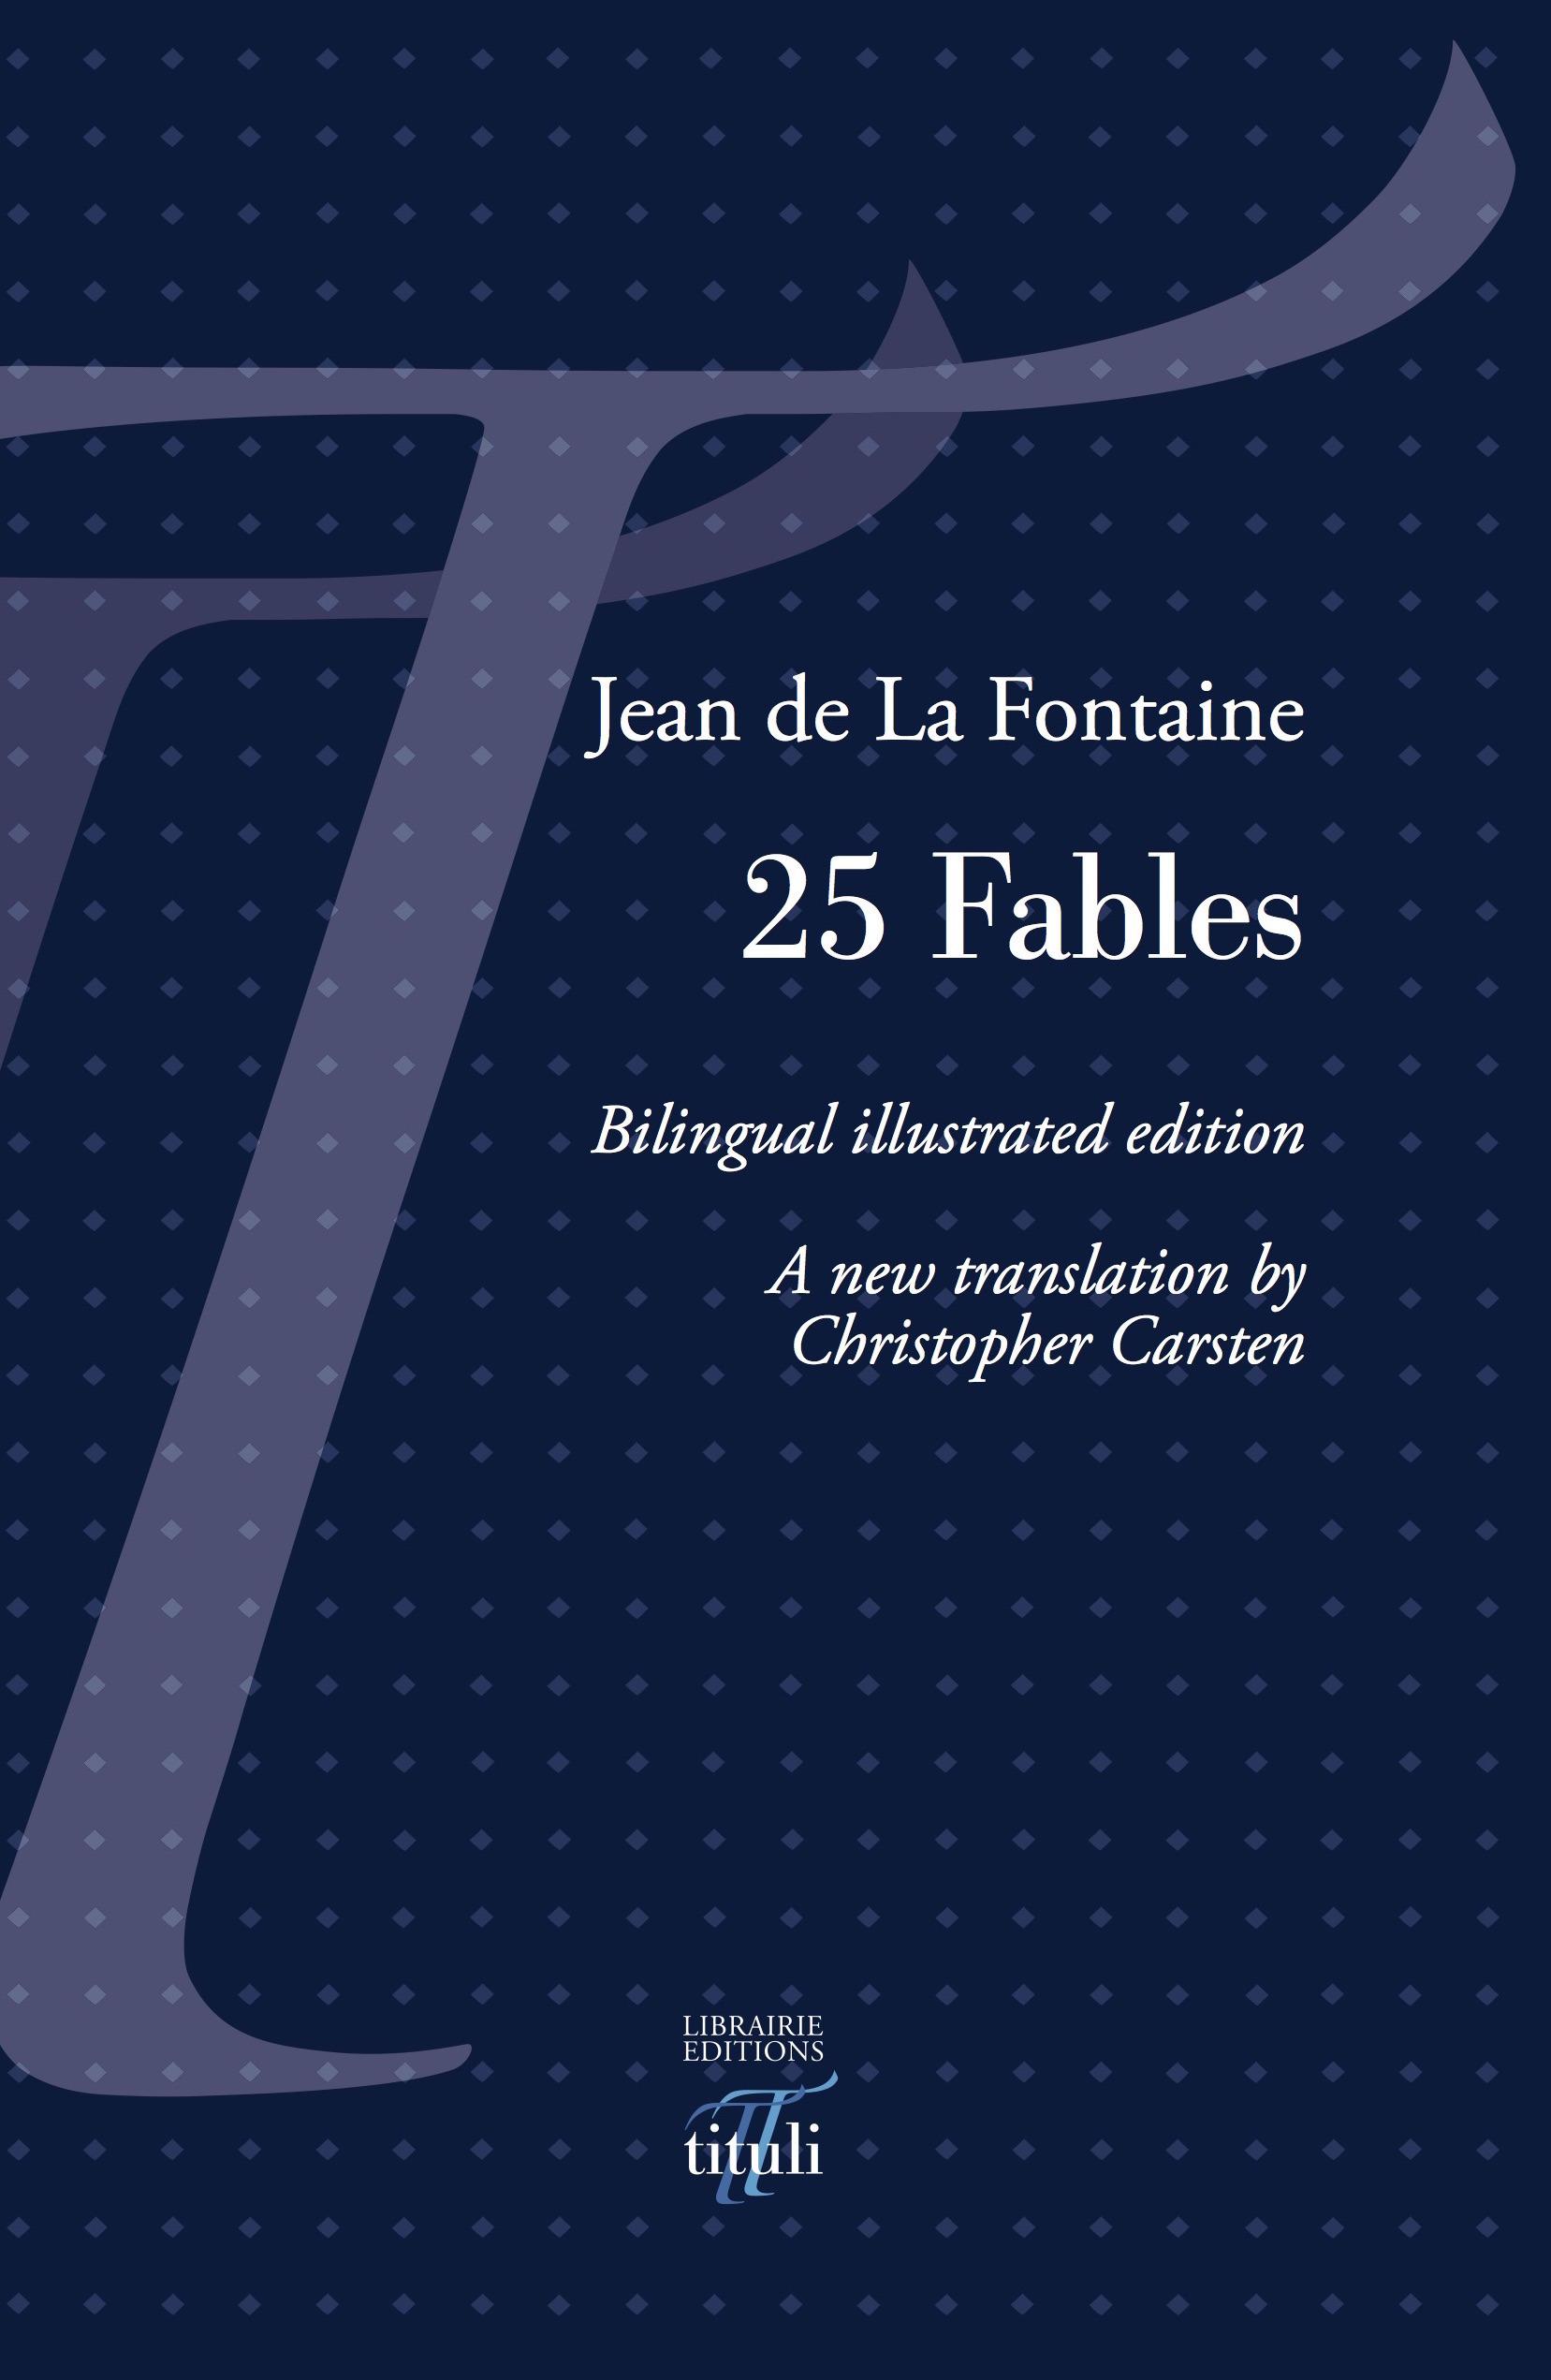 25 fables de La Fontaine